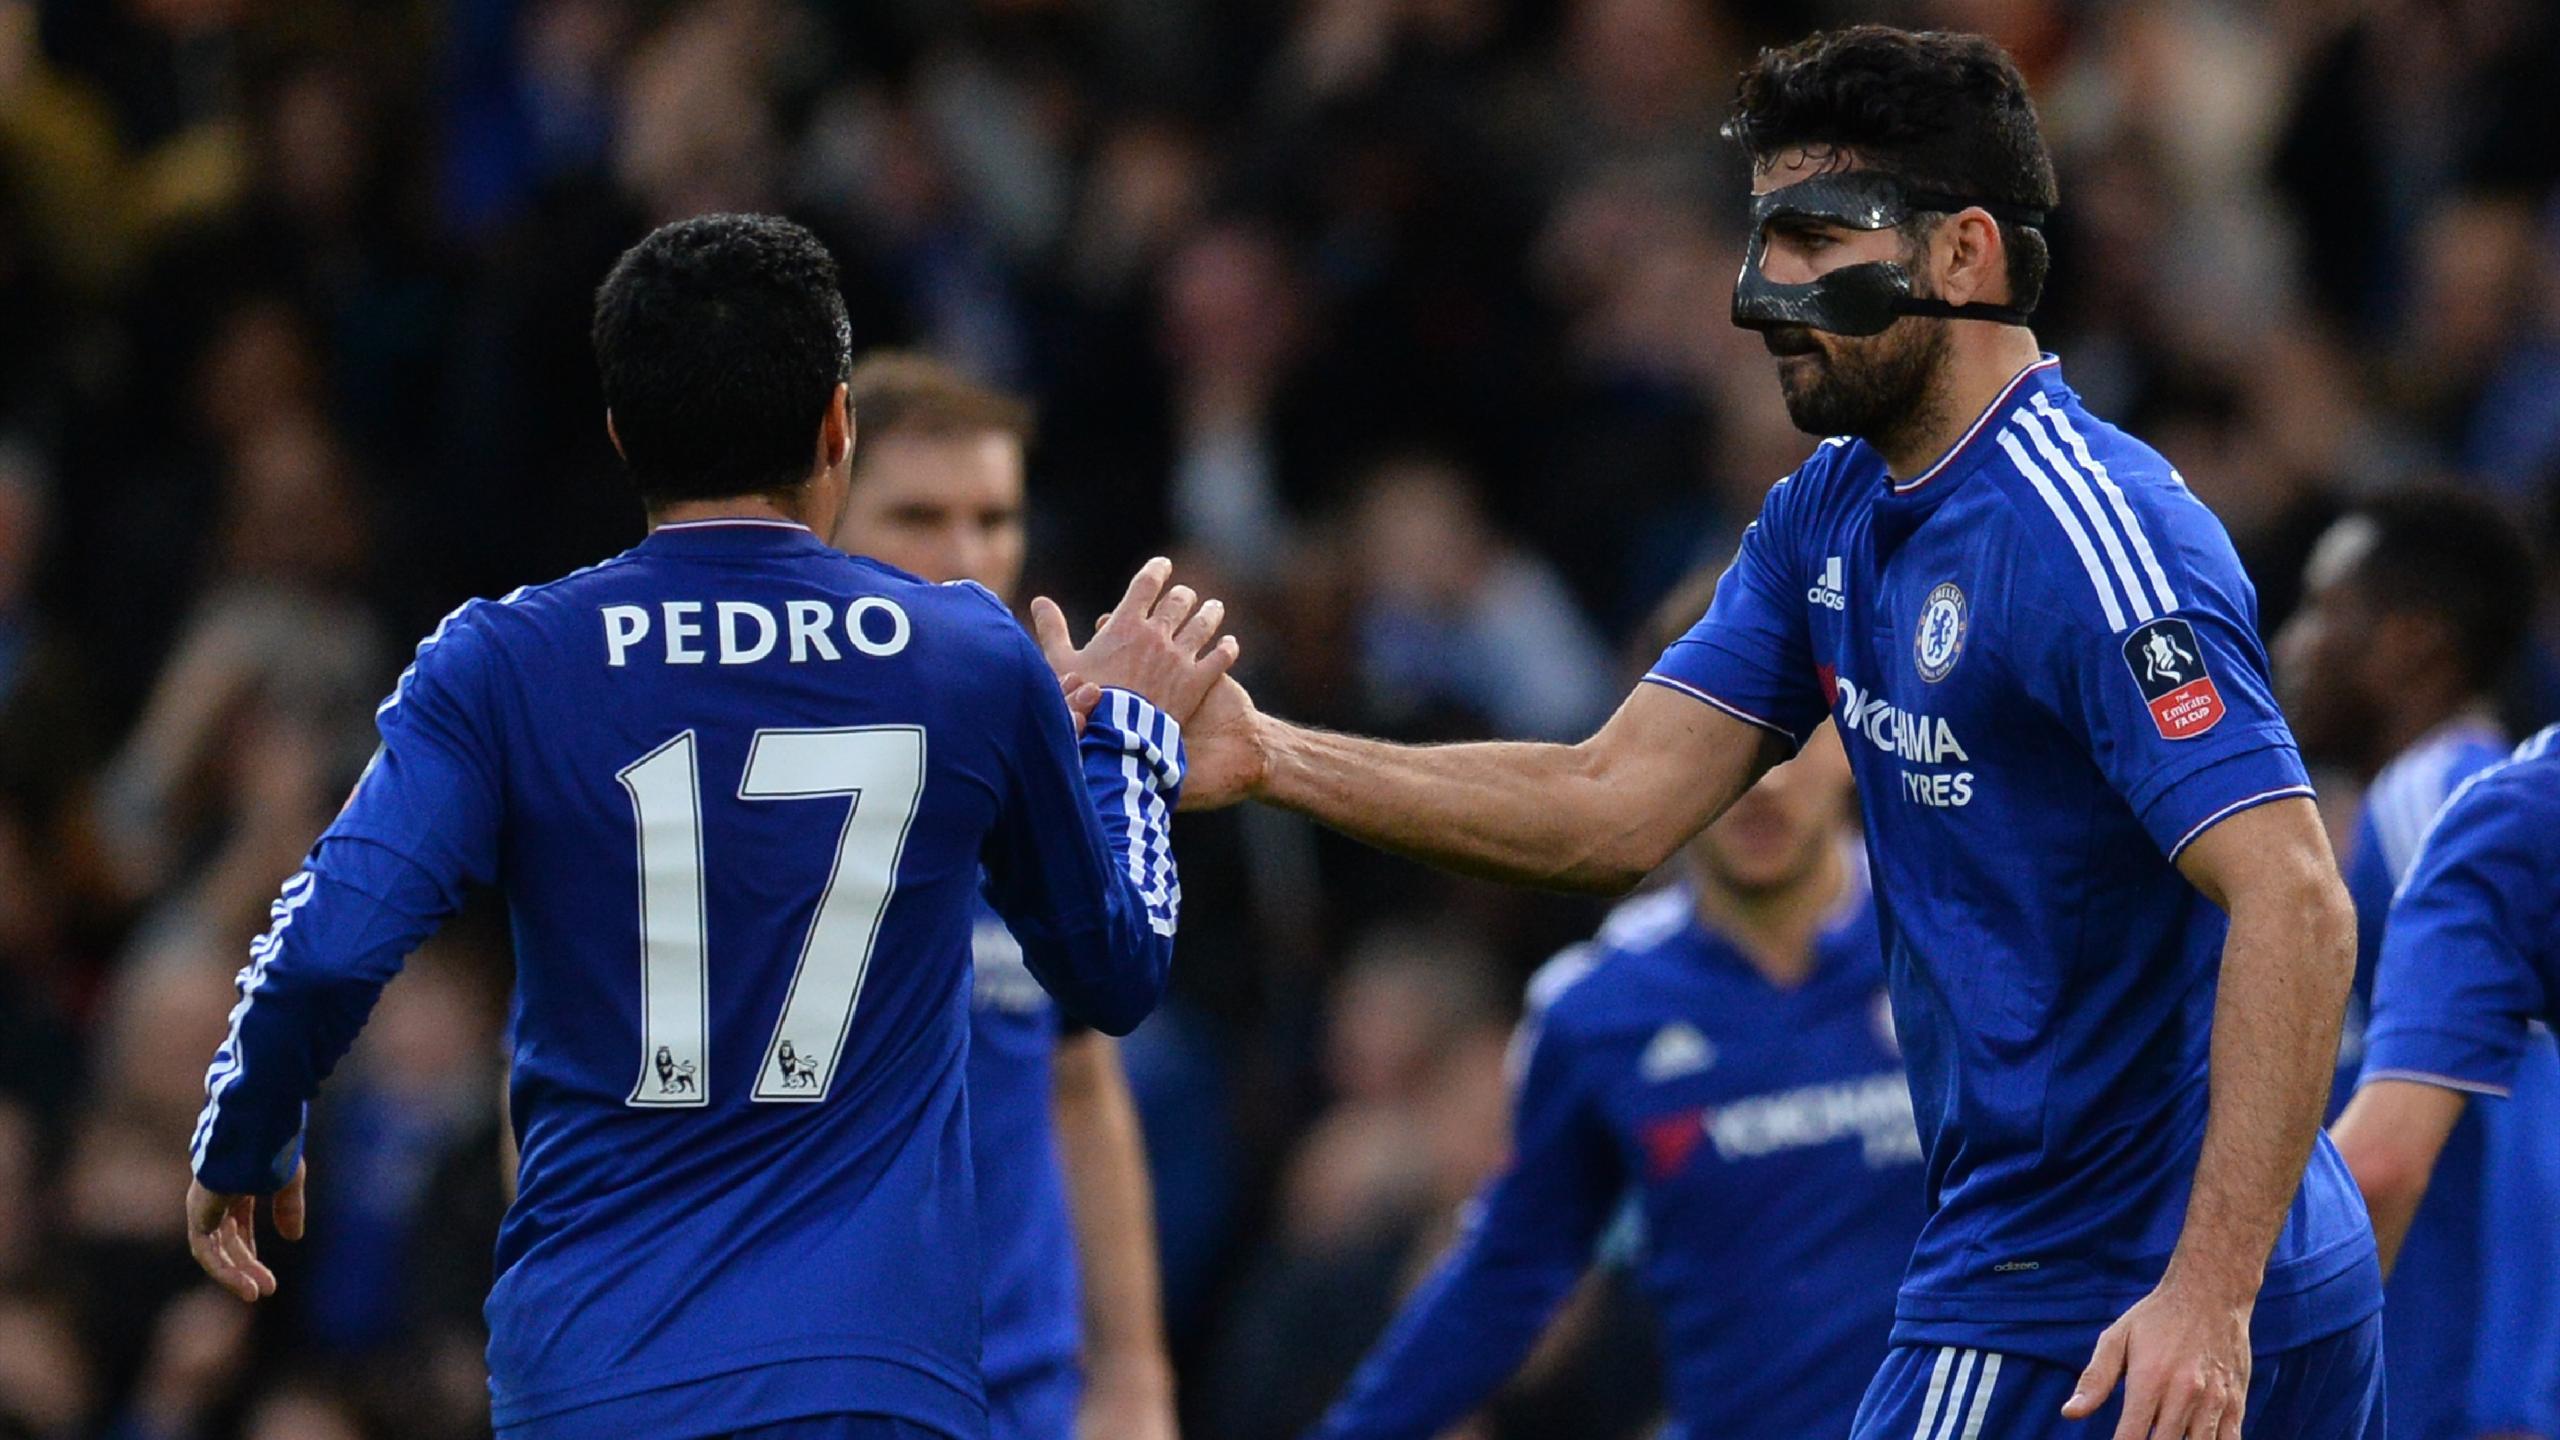 Diego Costa (Chelsea) félicité par Pedro après son but face à Manchester City